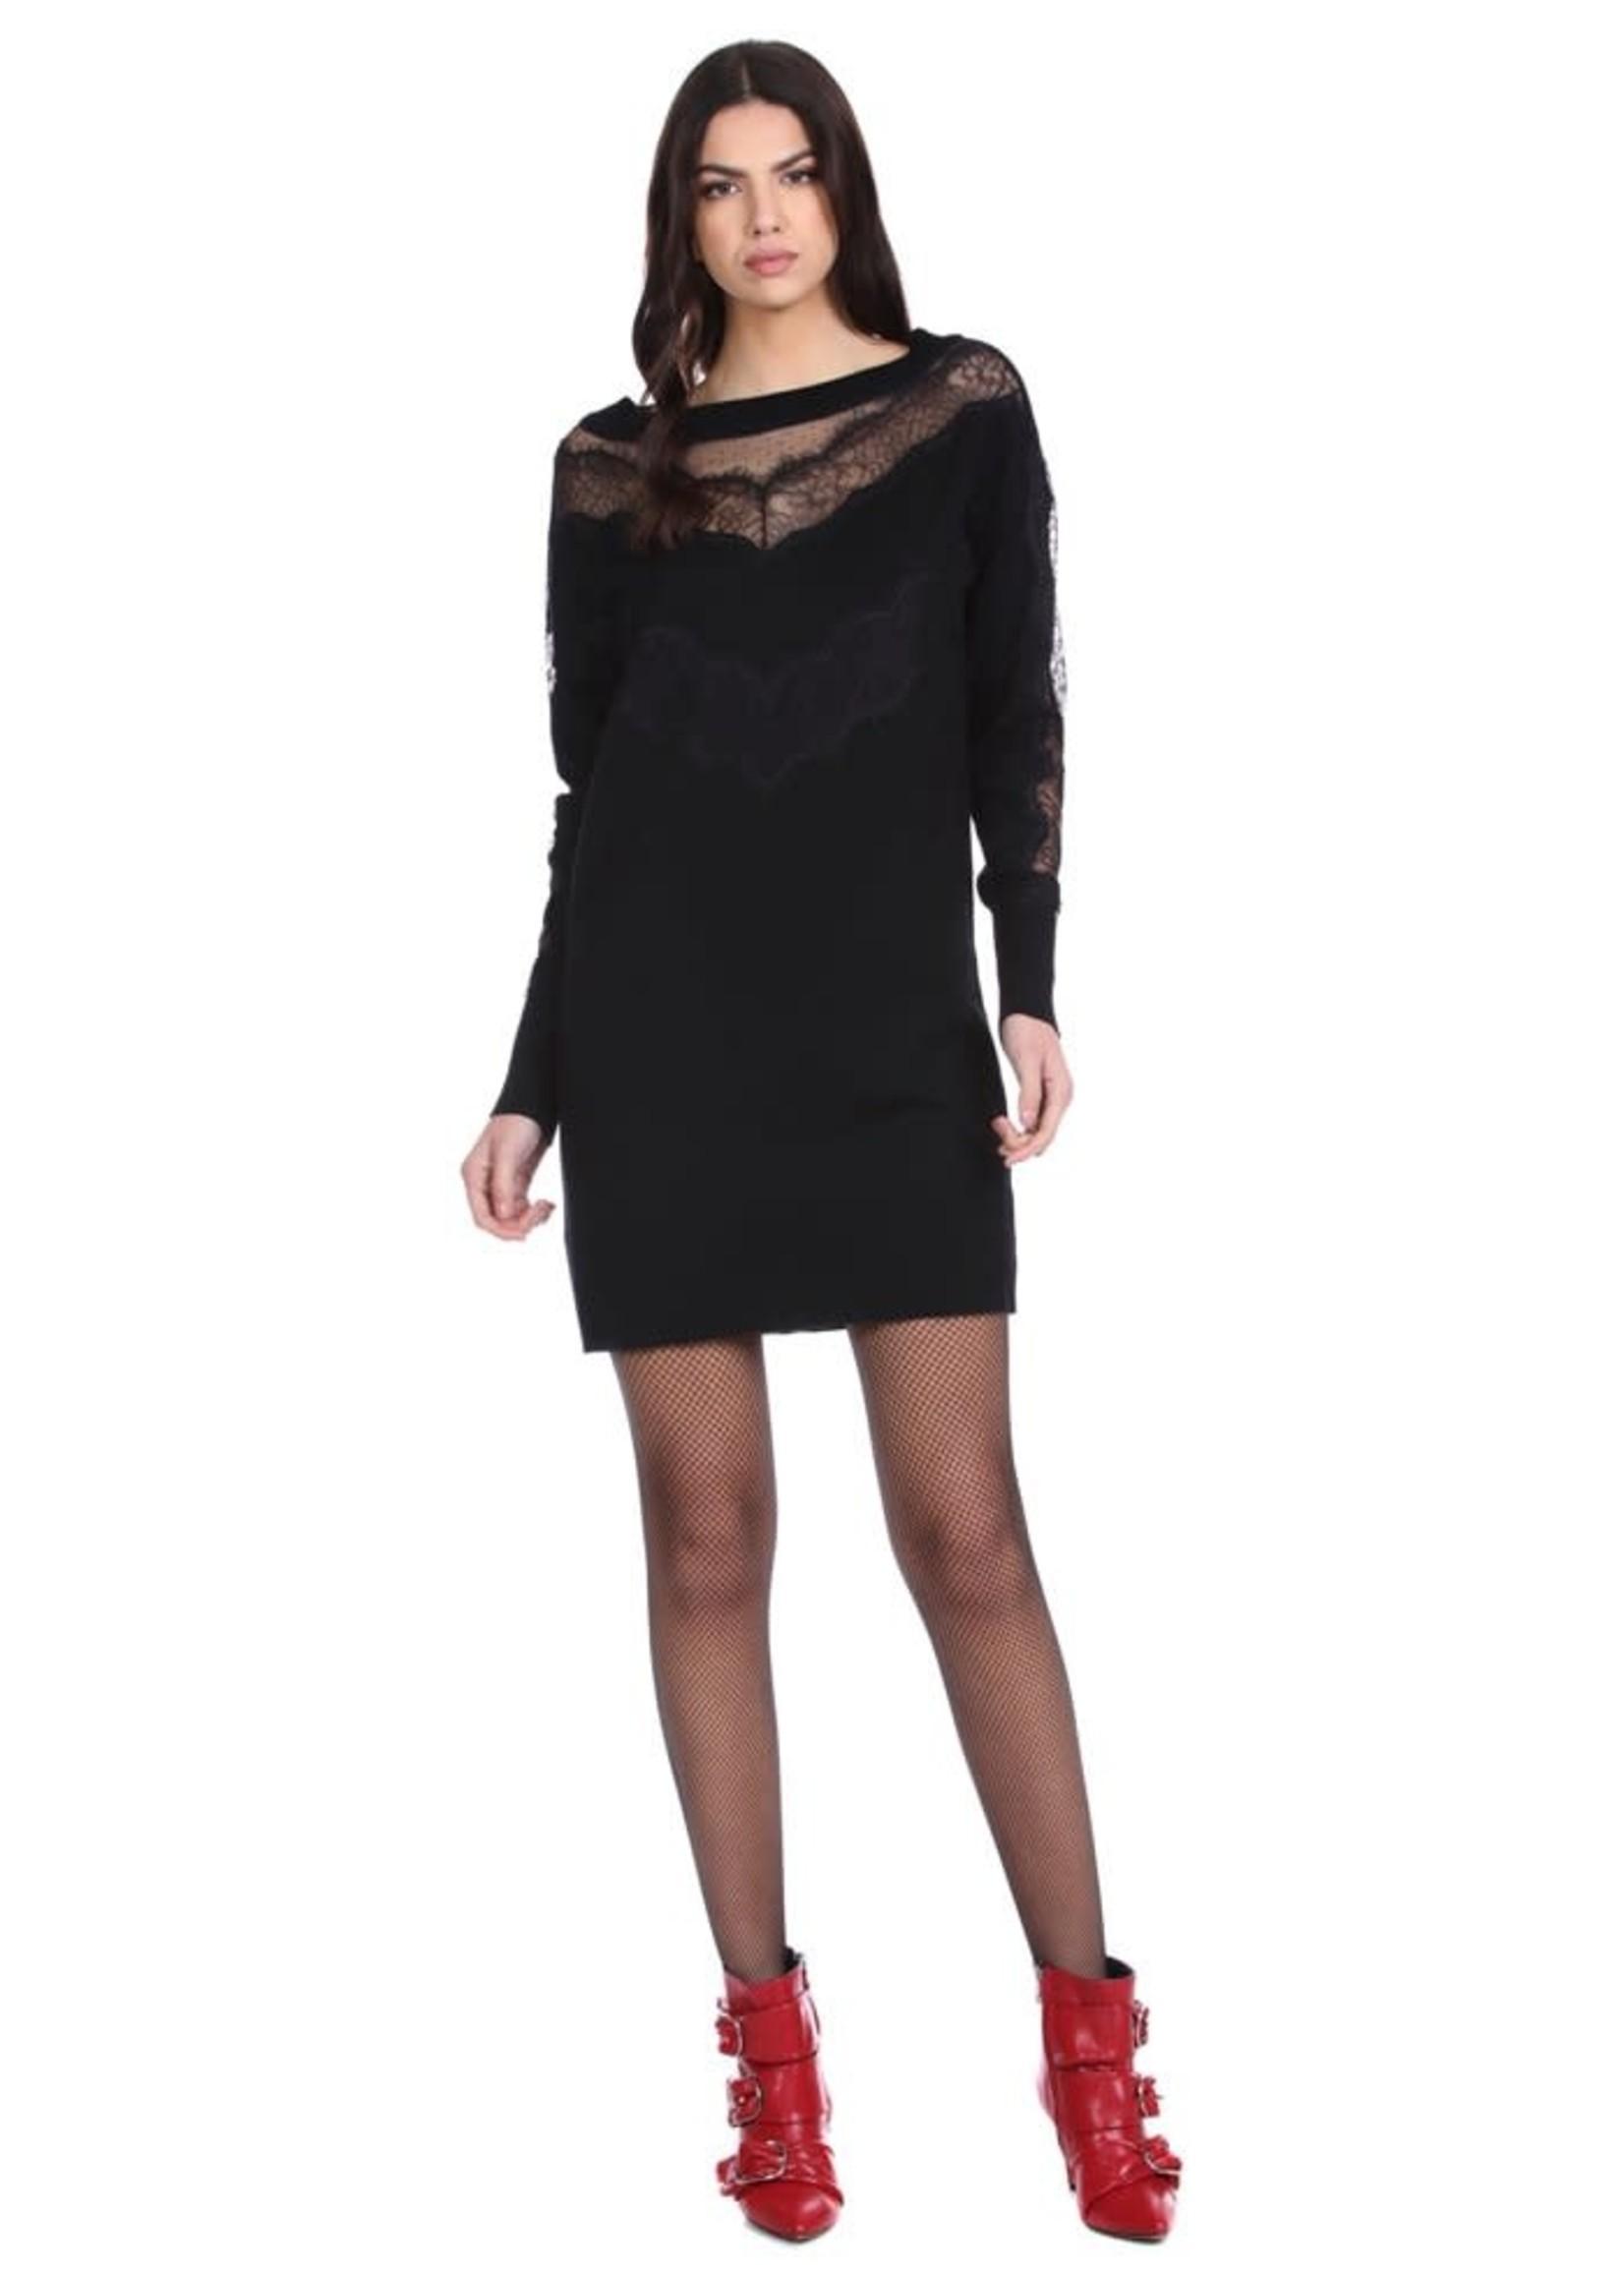 Relish NILUFAR korte jurk met lange mouwen en kanten details plus plumetis tule